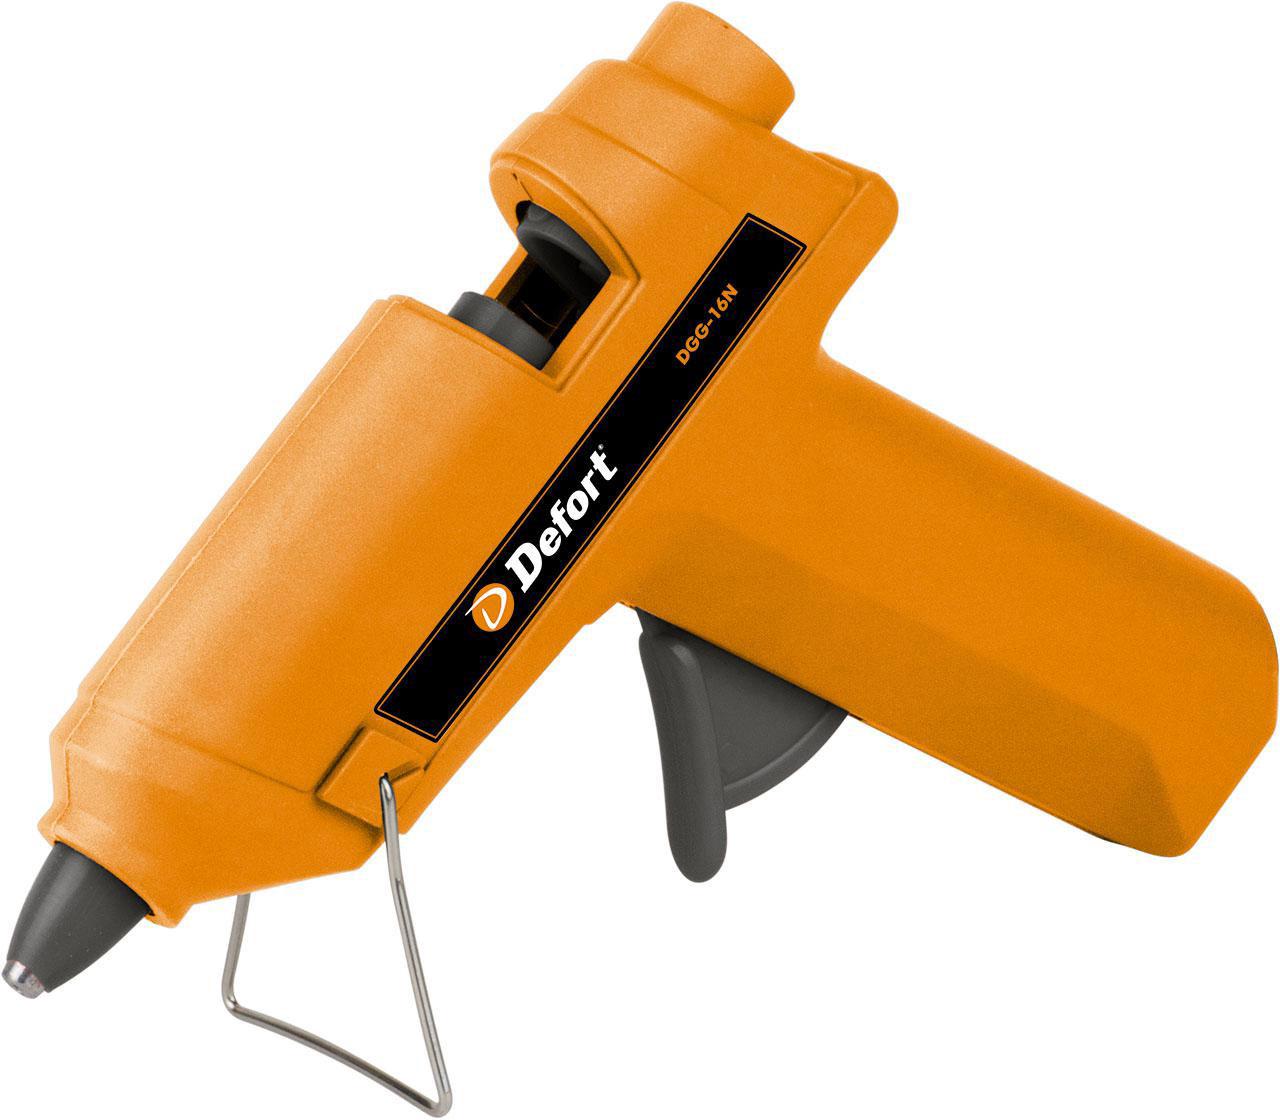 DeFort DGG-16N (98299496) - клеевой пистолет (Orange)